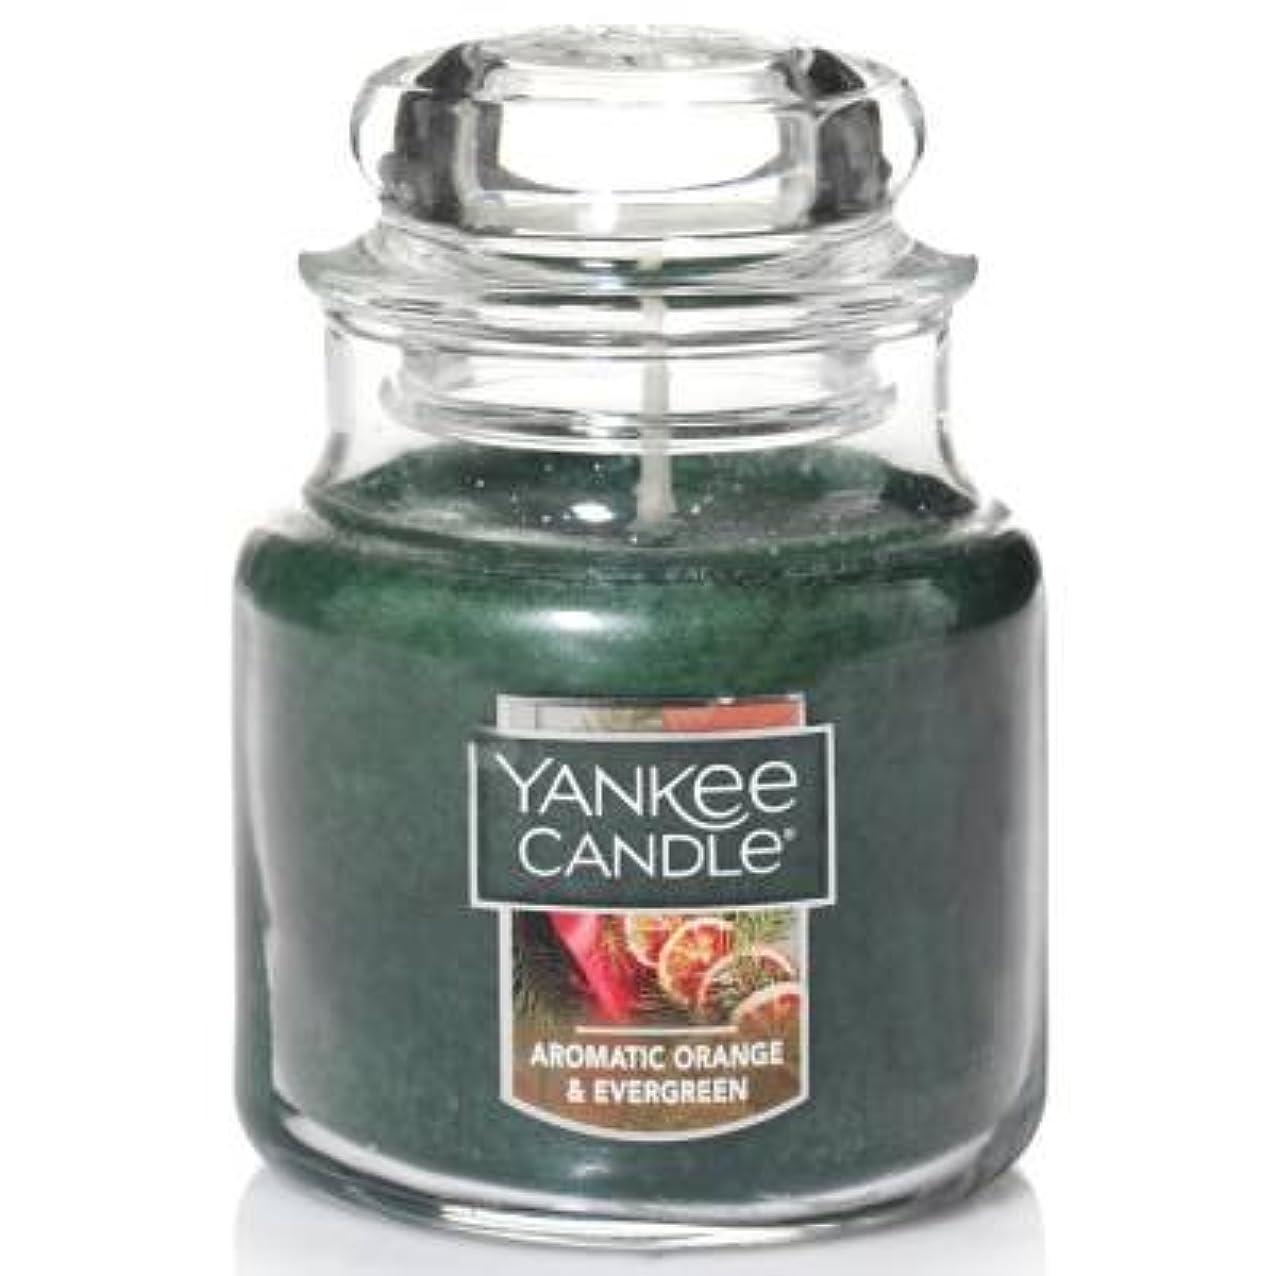 不名誉なオープニング成分Yankee Candle Aromaticオレンジ& Evergreen Small Jar Candle